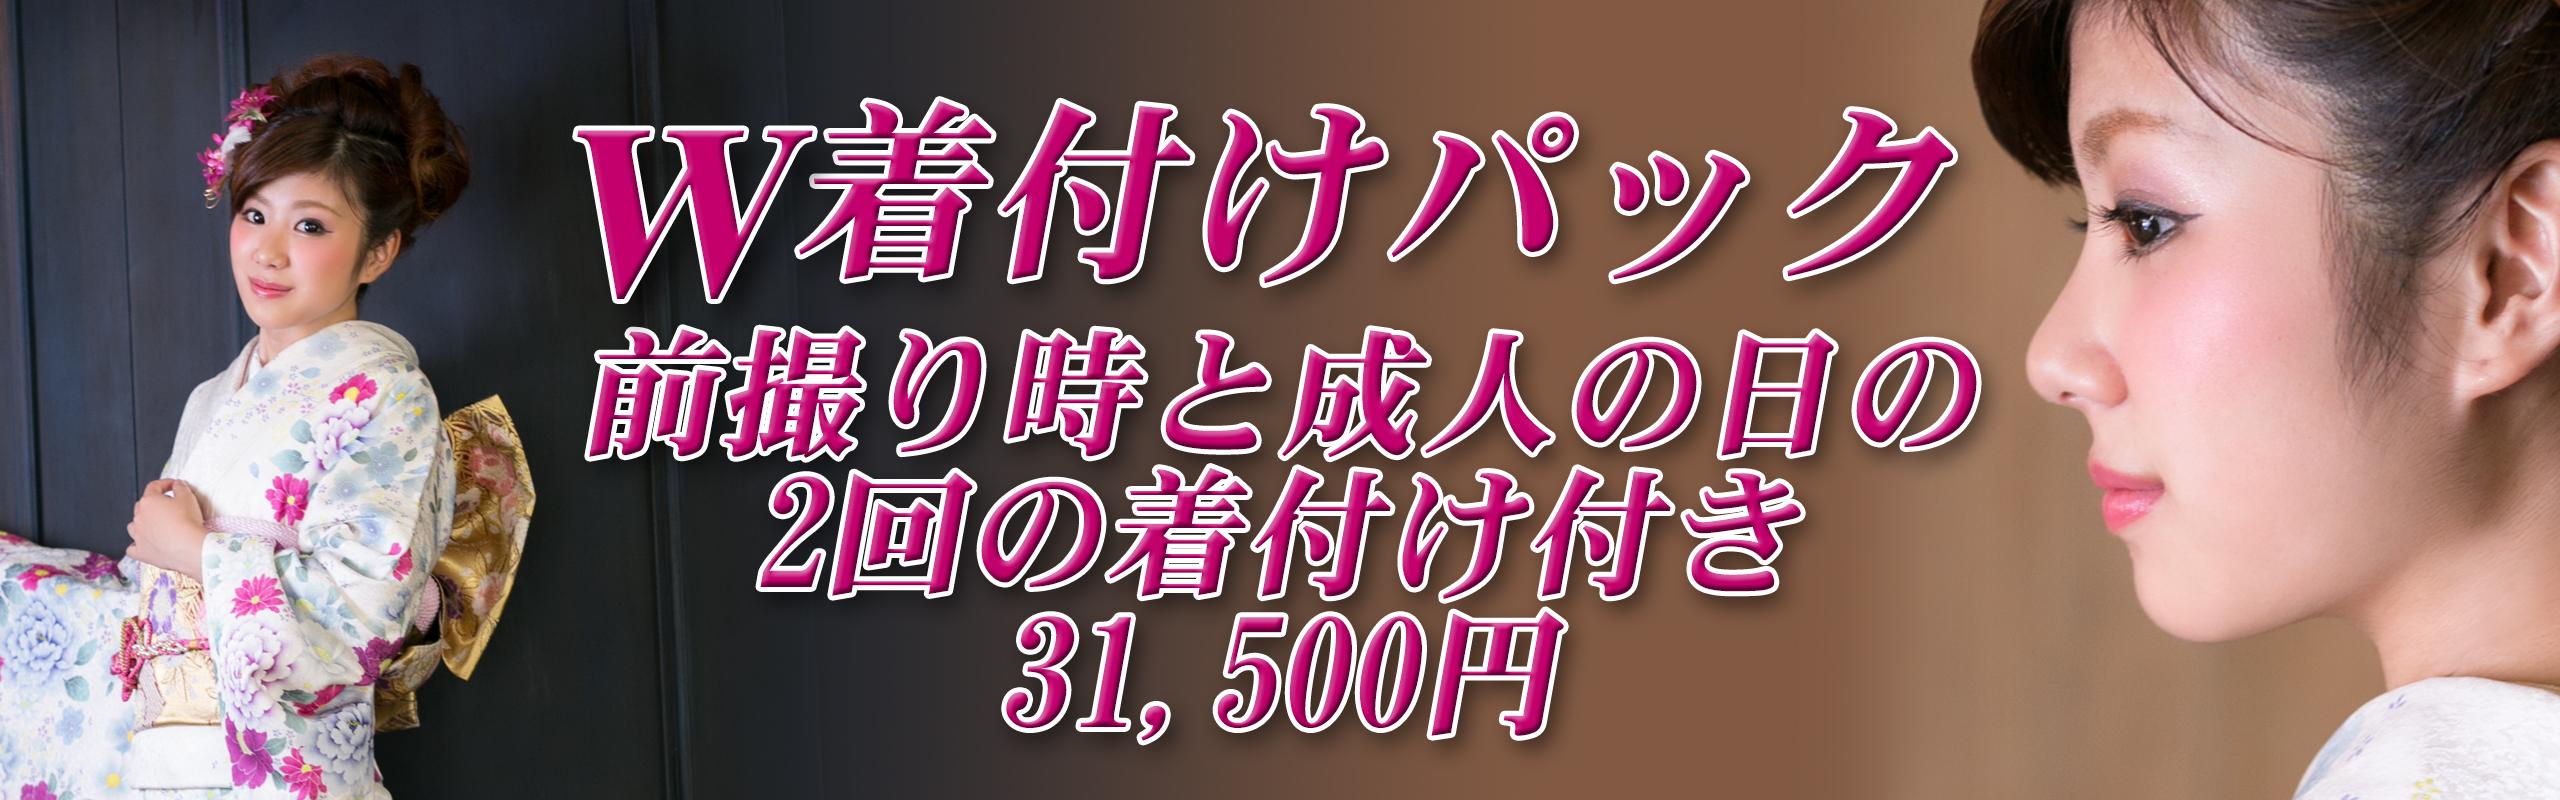 成人W着付けパック 前撮り時と成人の日の2回の着付け付き31500円